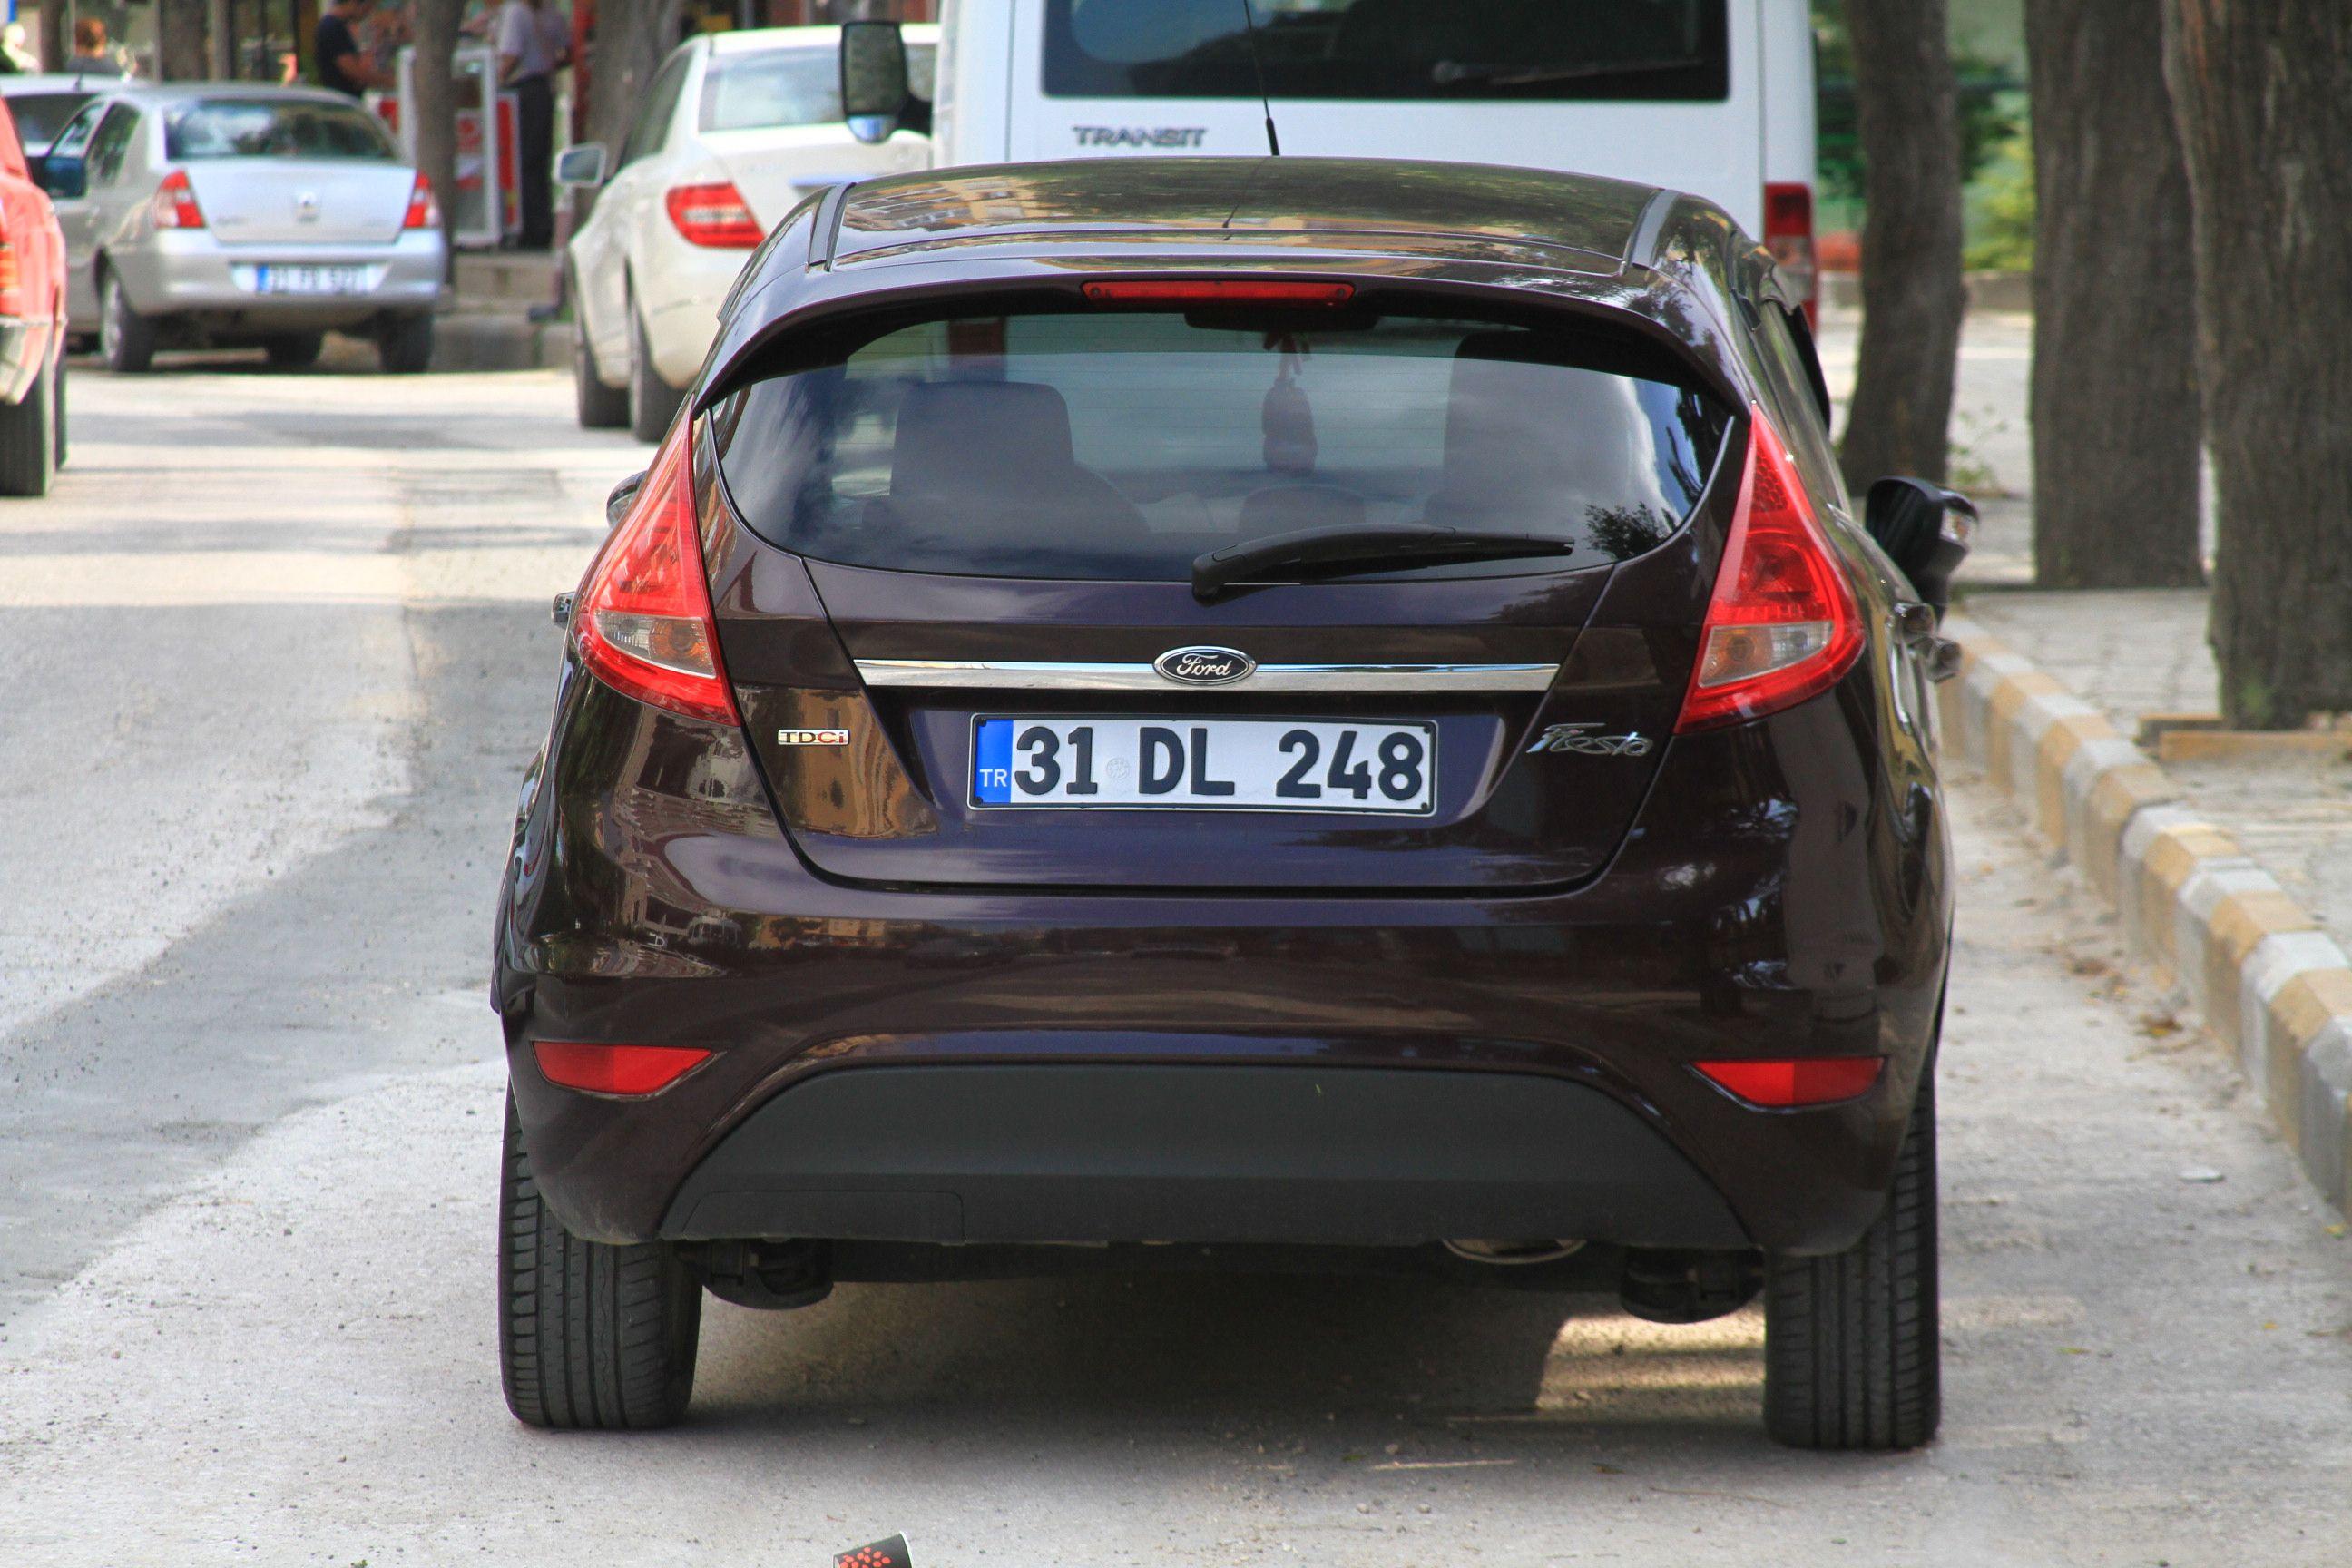 Ford Fiesta 1.4 TDCi 75hp - Mk6